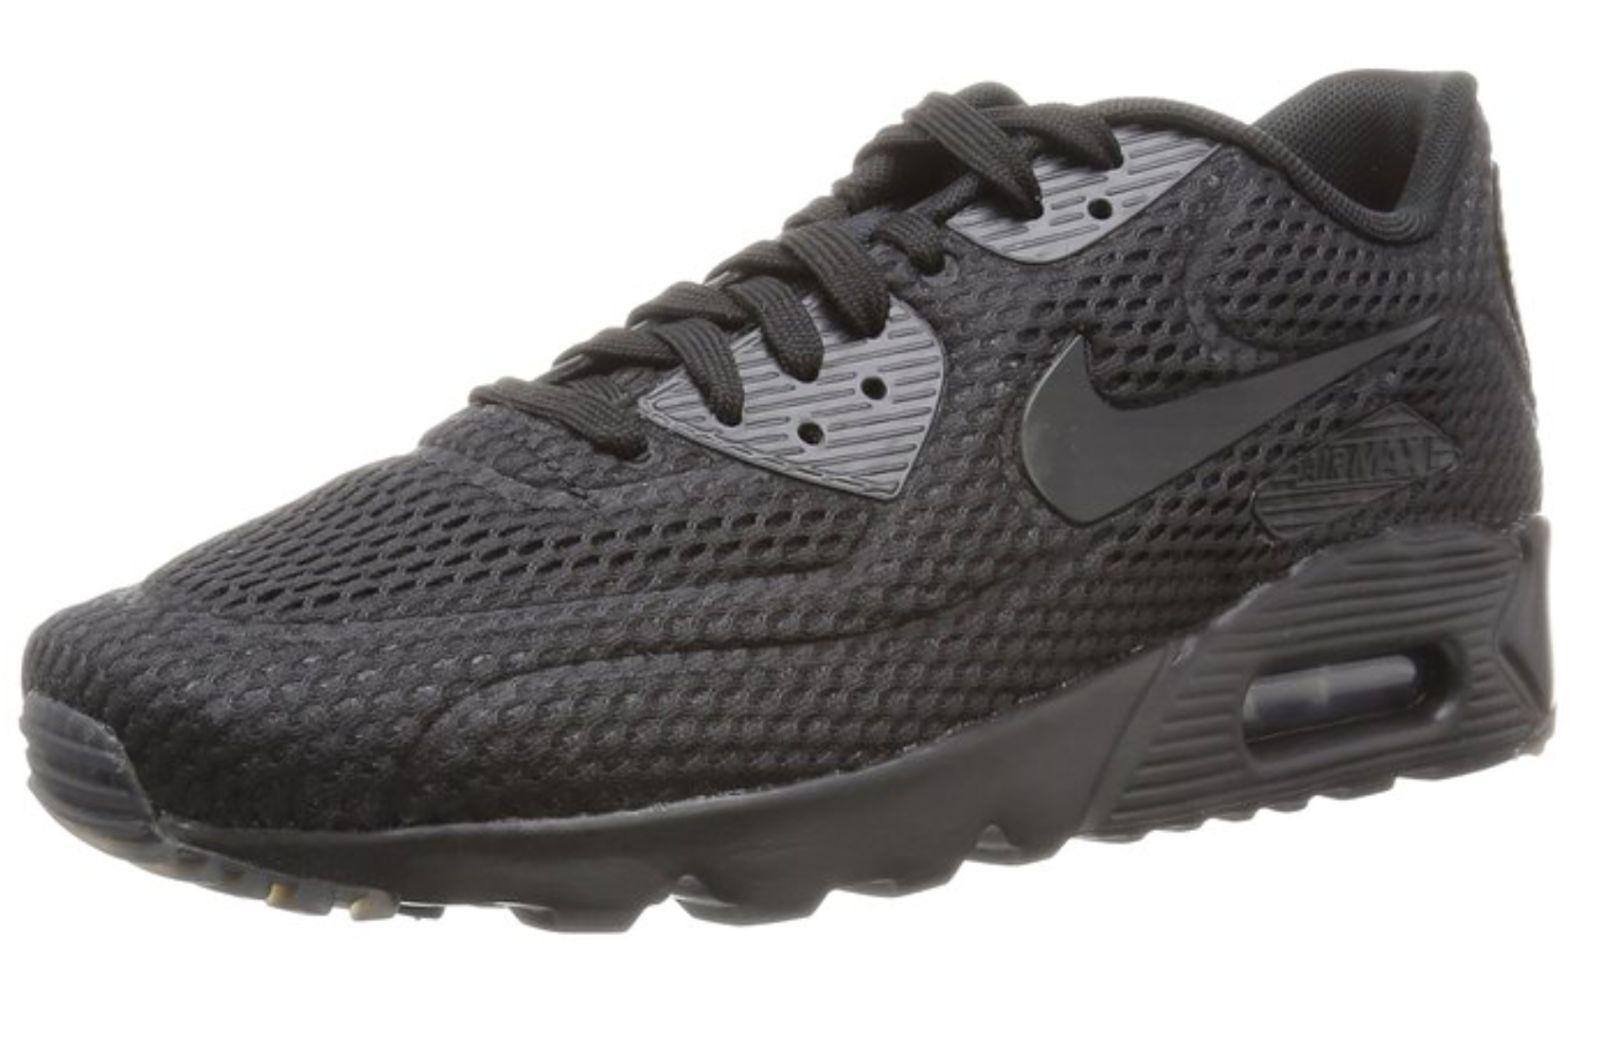 timeless design 816b3 3d5f7 lovely Size 14 Men s Nike Air Max 90 Ultra BR 725222 010 Black Black